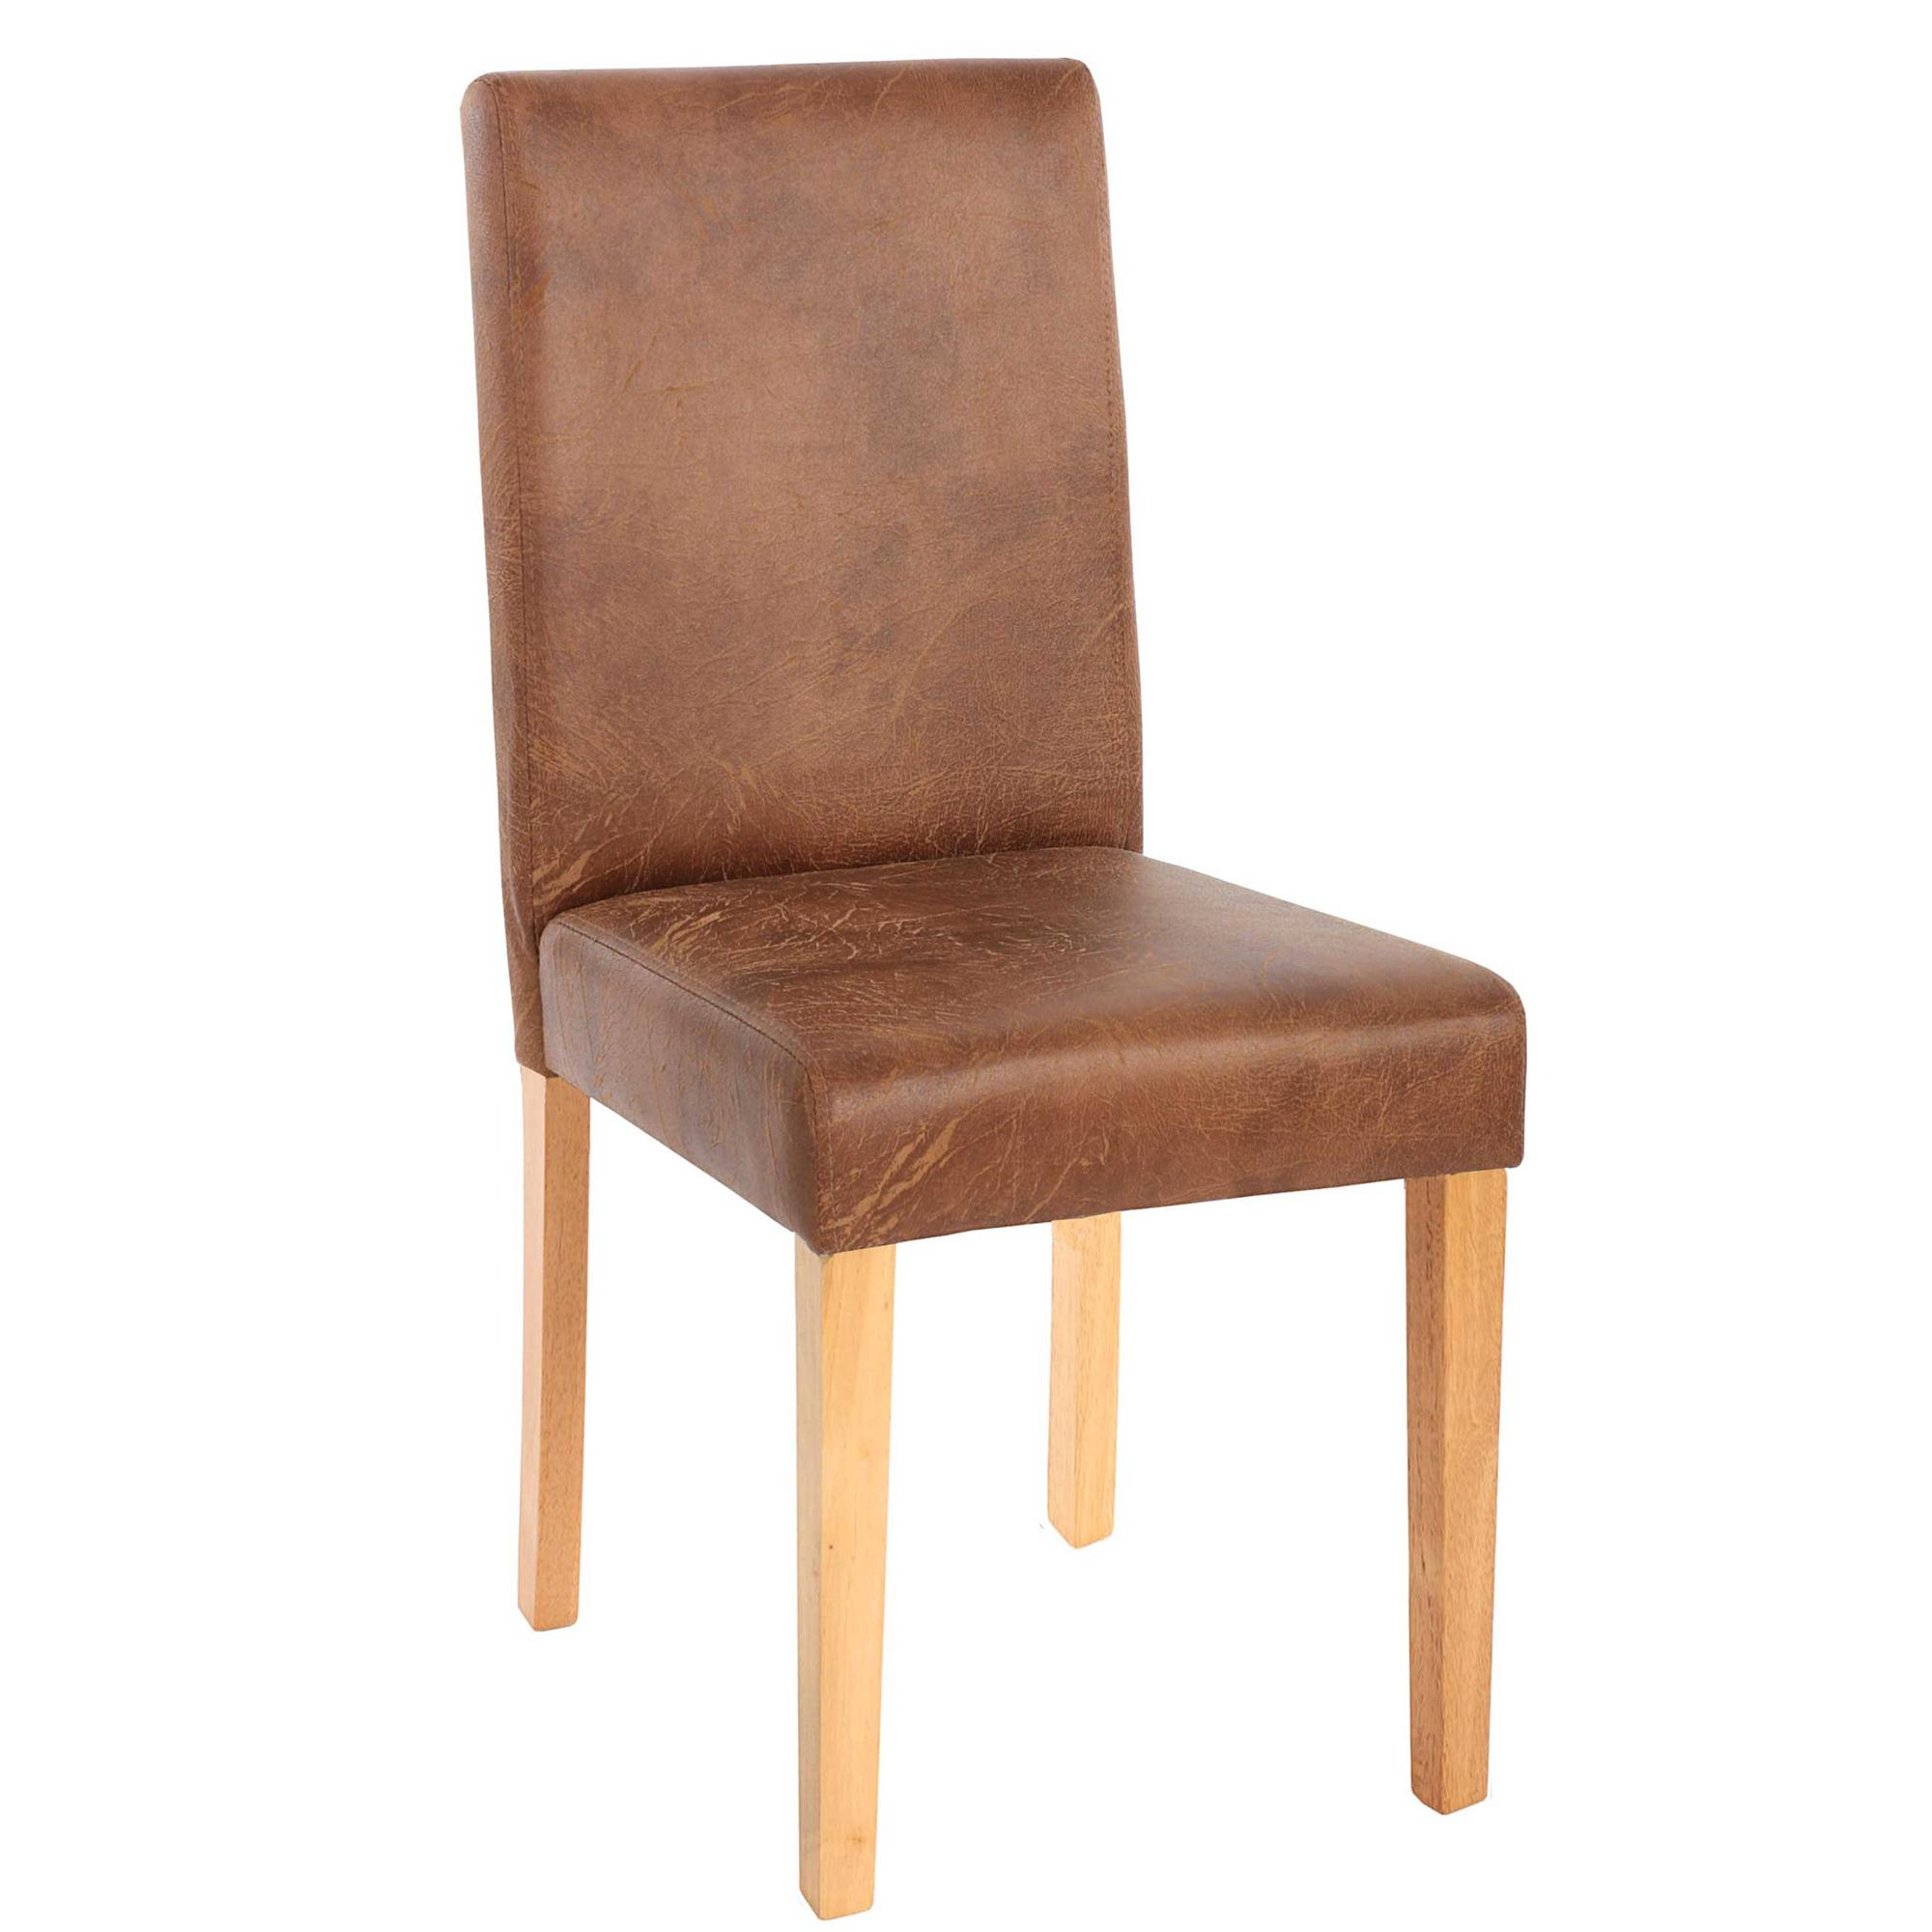 Lote 2 sillas de comedor litau en piel marr n natural for Sillas comedor cuero marron